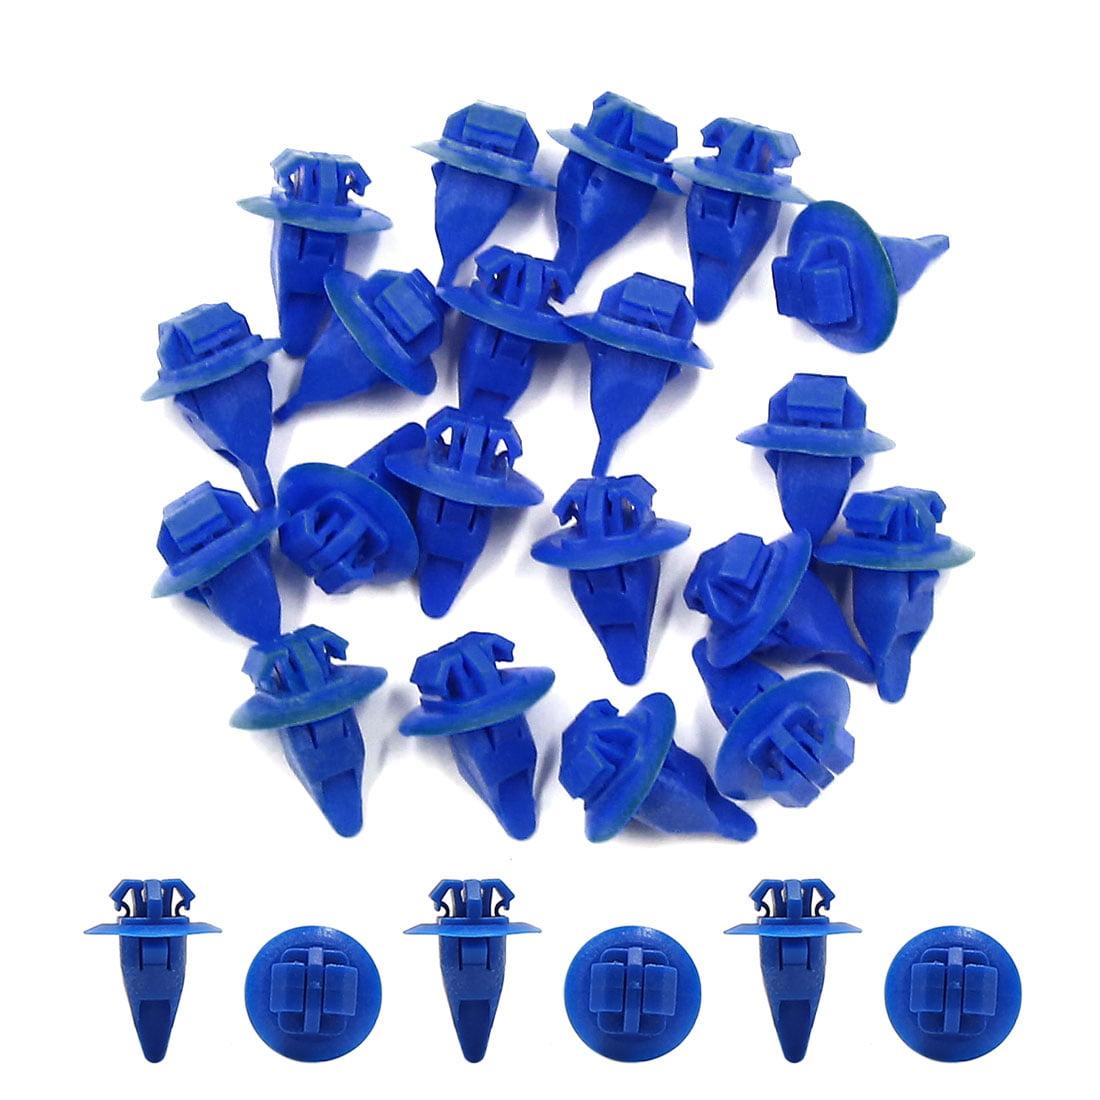 20Pcs 10 x 8mm Hole Plastic Splash Guard Trim Moulding Bumper Clips - image 1 de 2